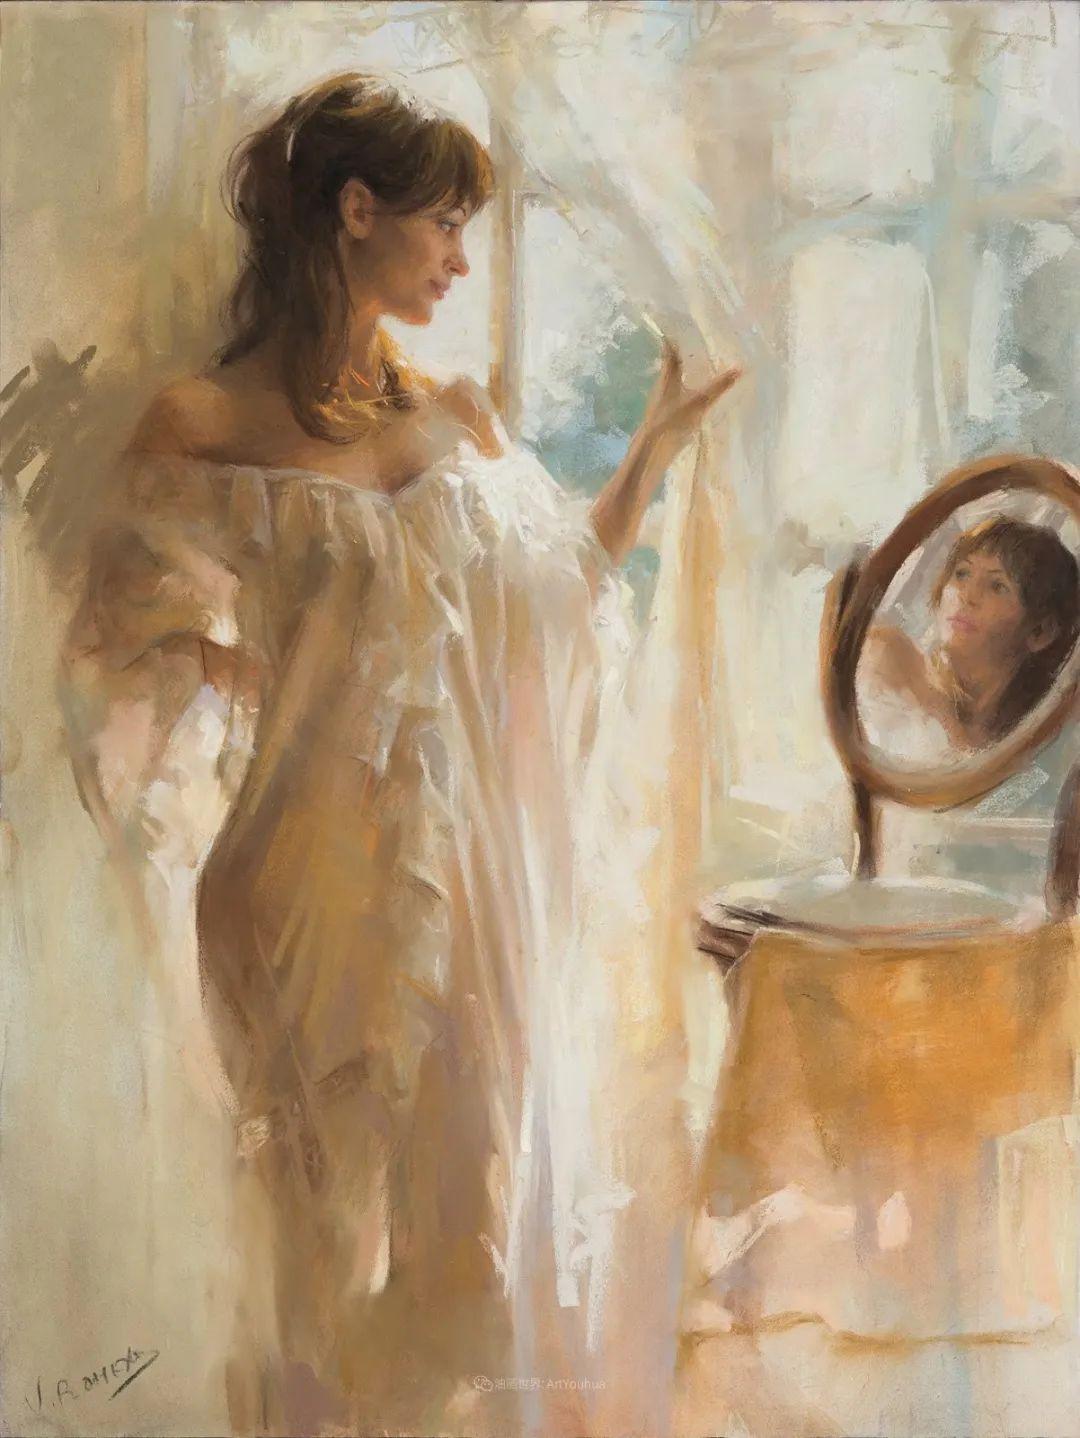 地中海暖阳下,穿裙的女子,浪漫美丽!插图41